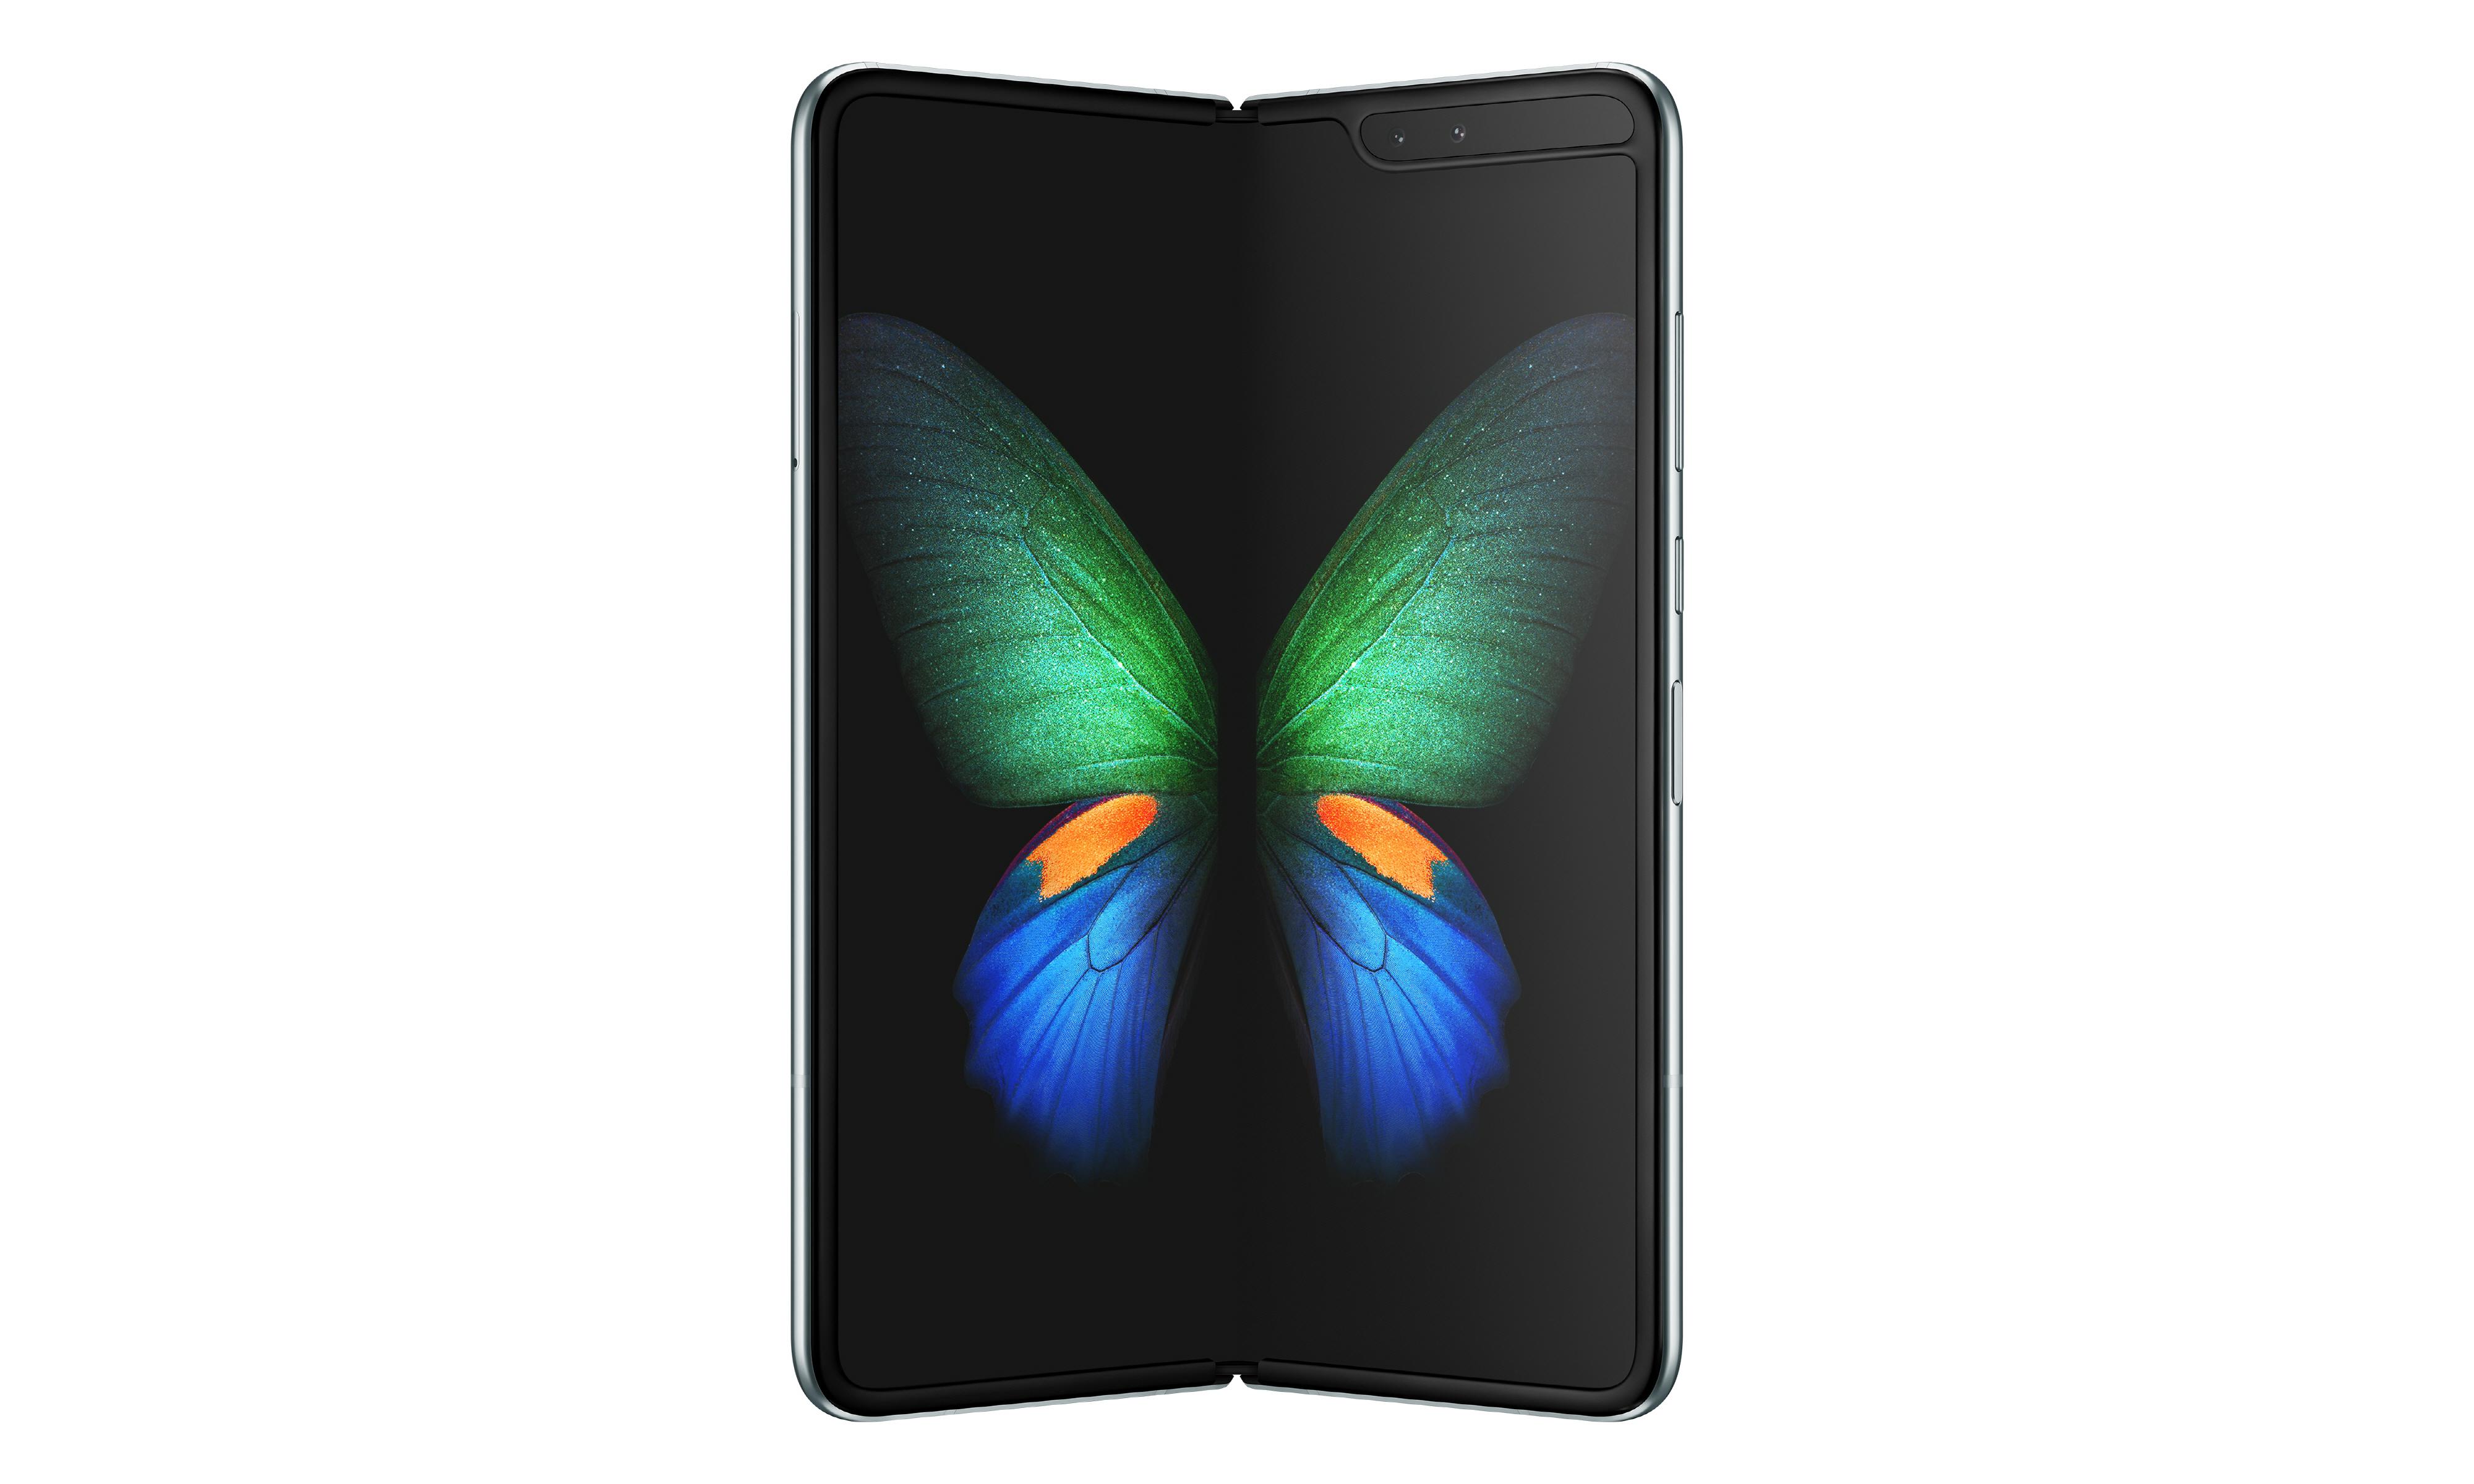 最新消息称 Samsung 正在开发两款不同的可折叠屏幕手机